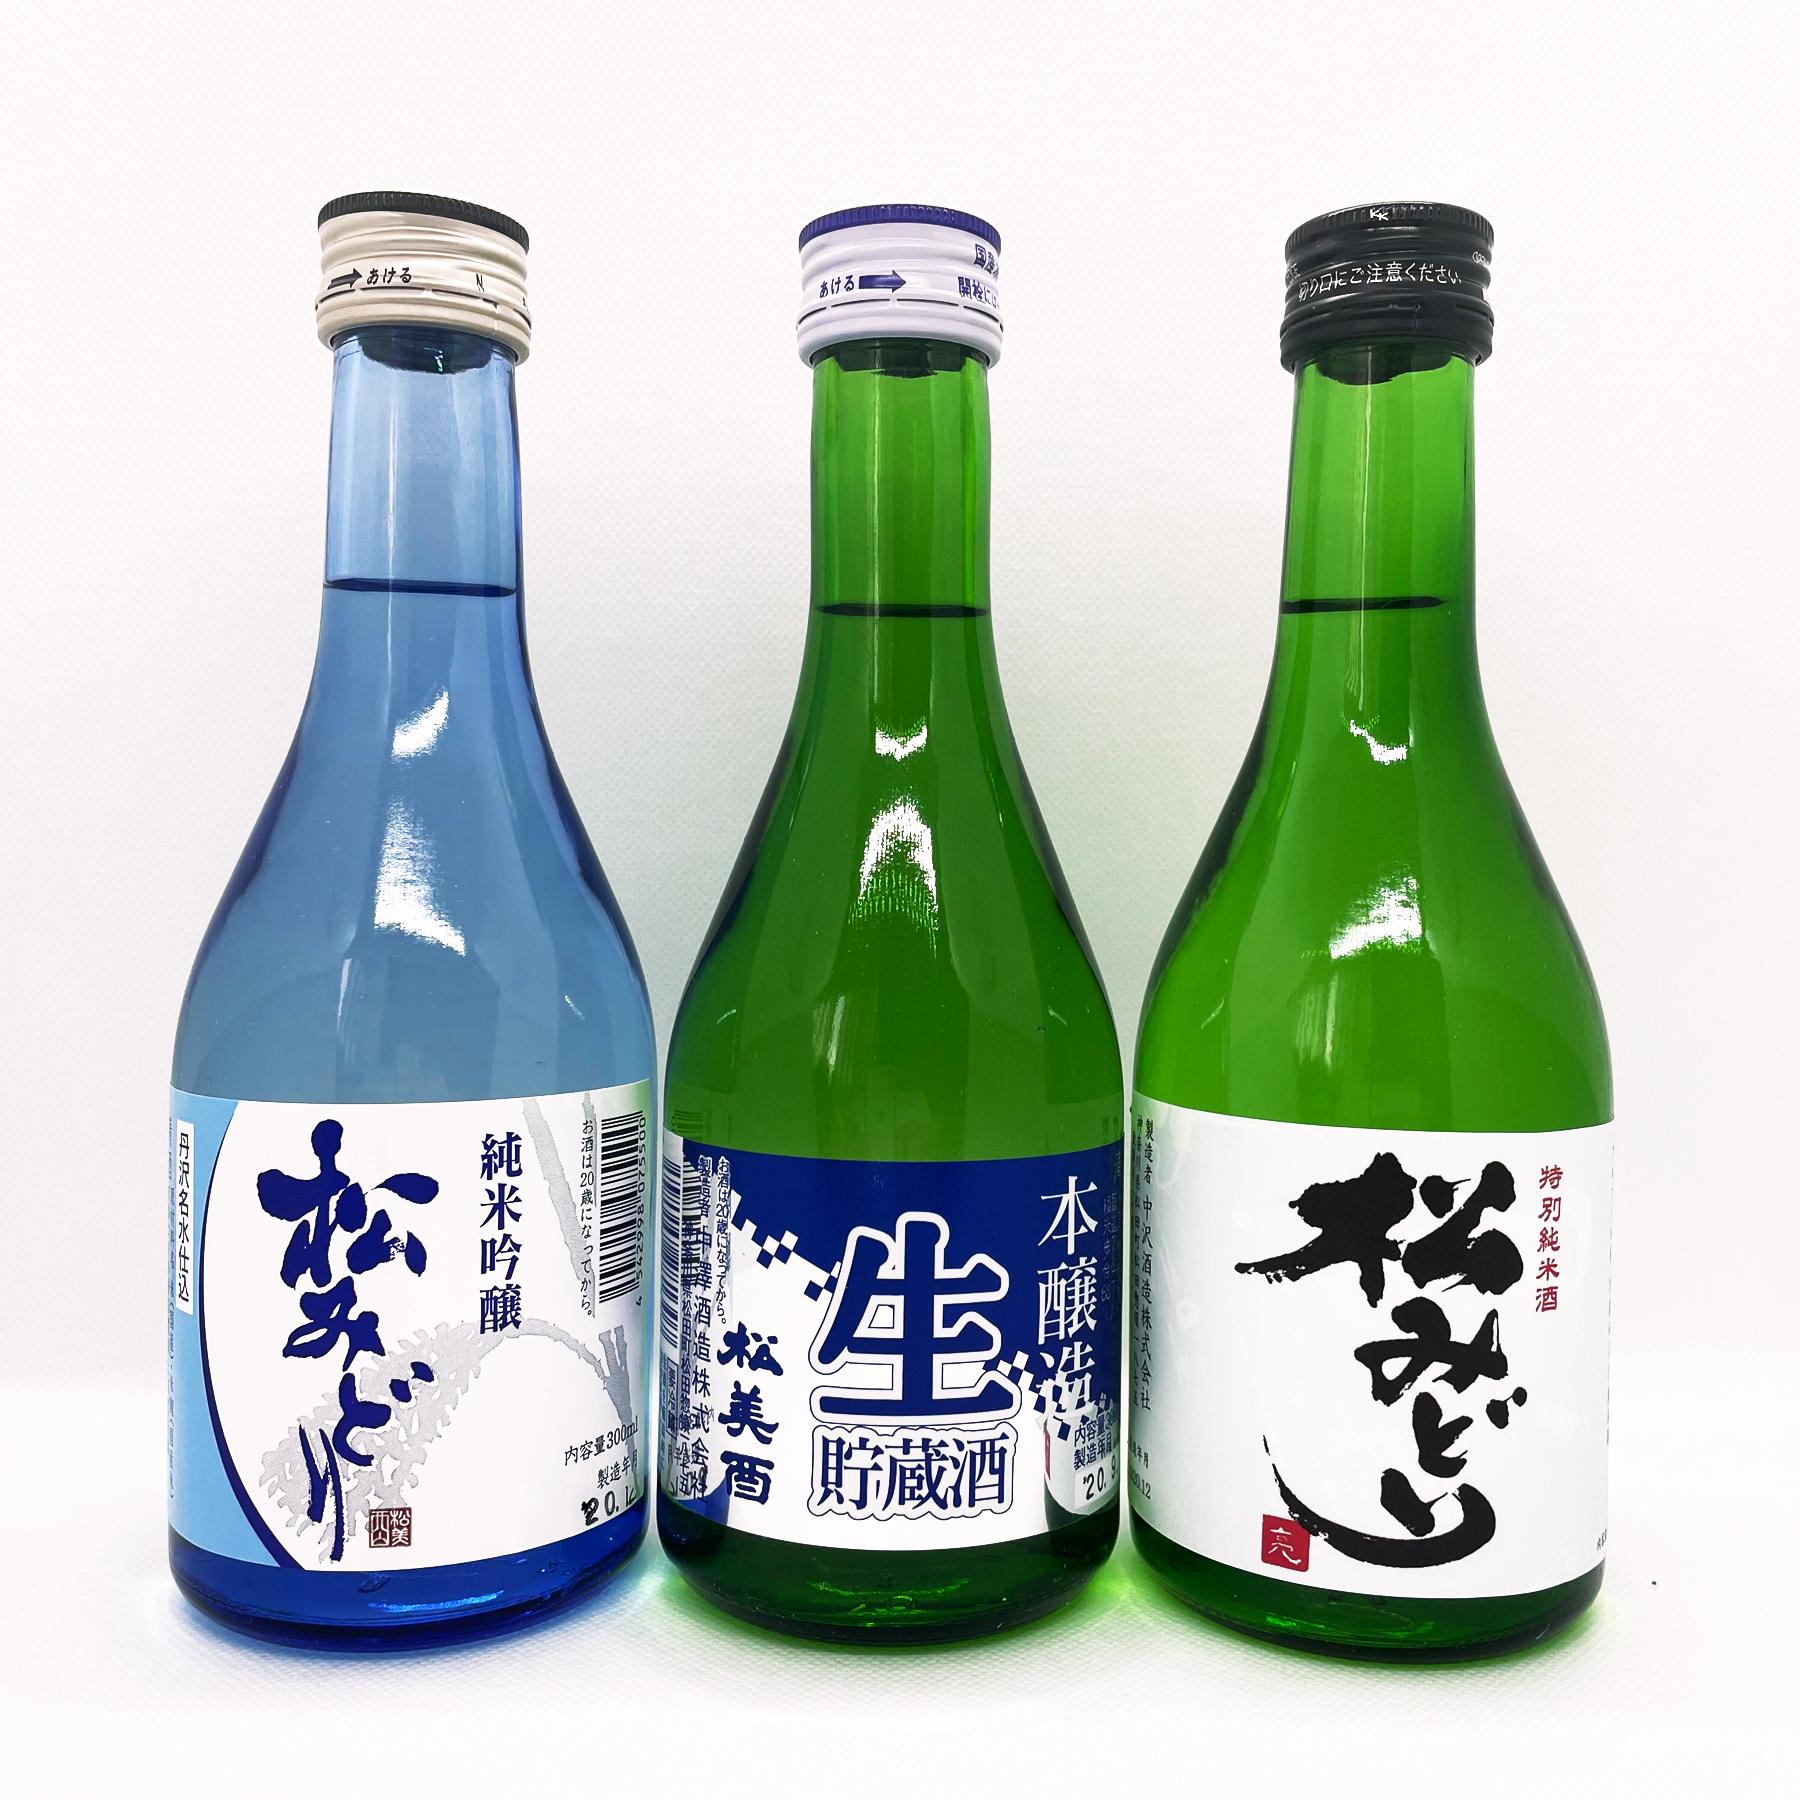 中沢酒造/神奈川県